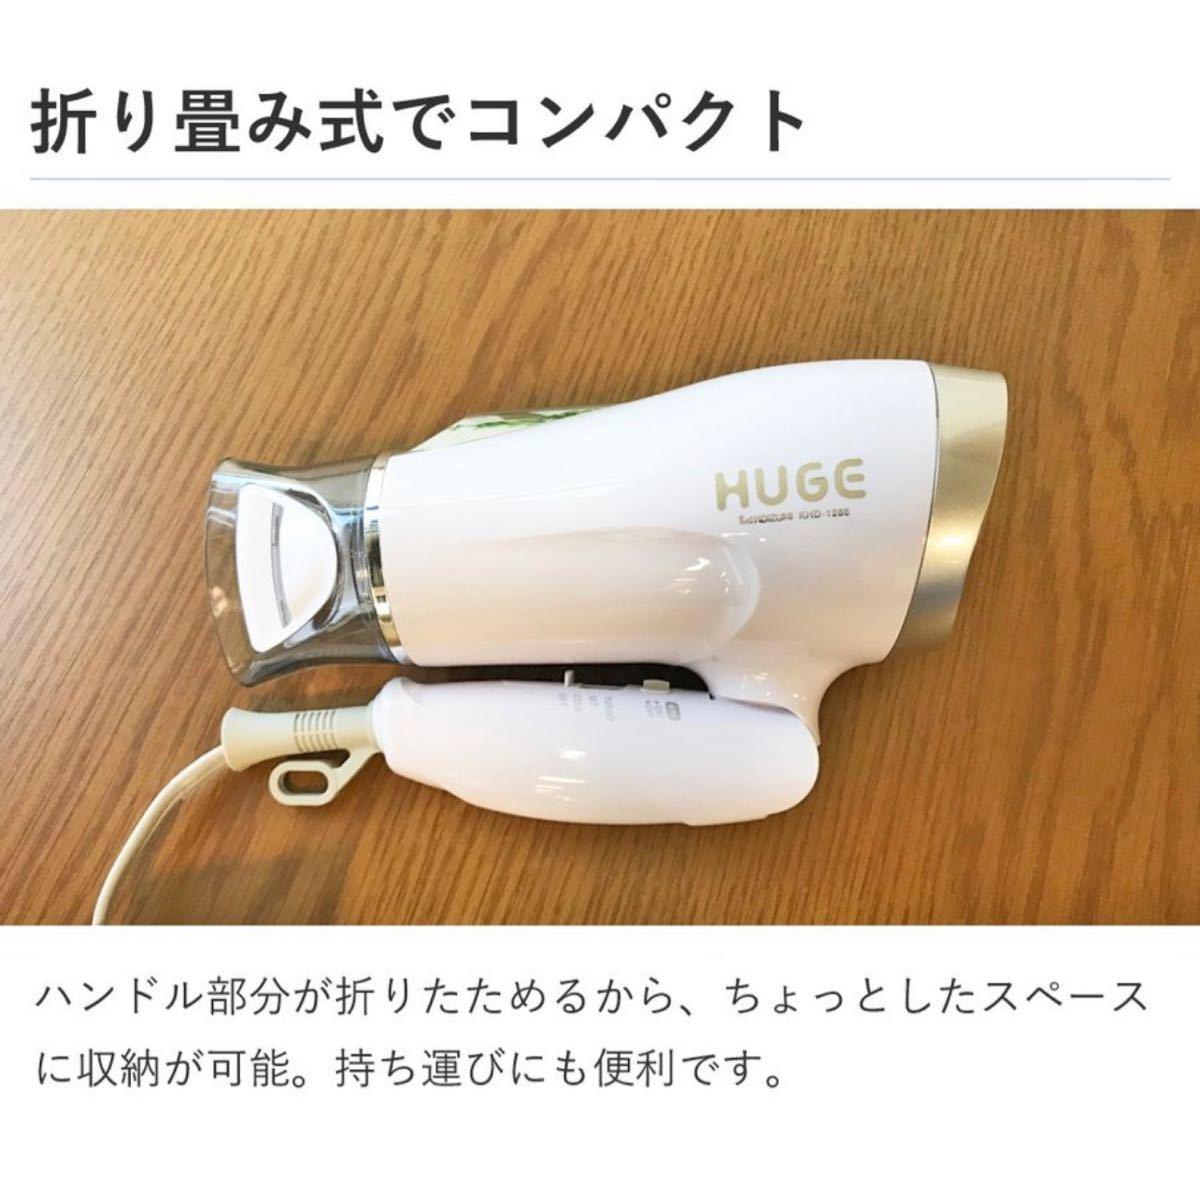 【新品近】コイズミ ヘアードライヤー ヘアドライヤー マイナスイオン